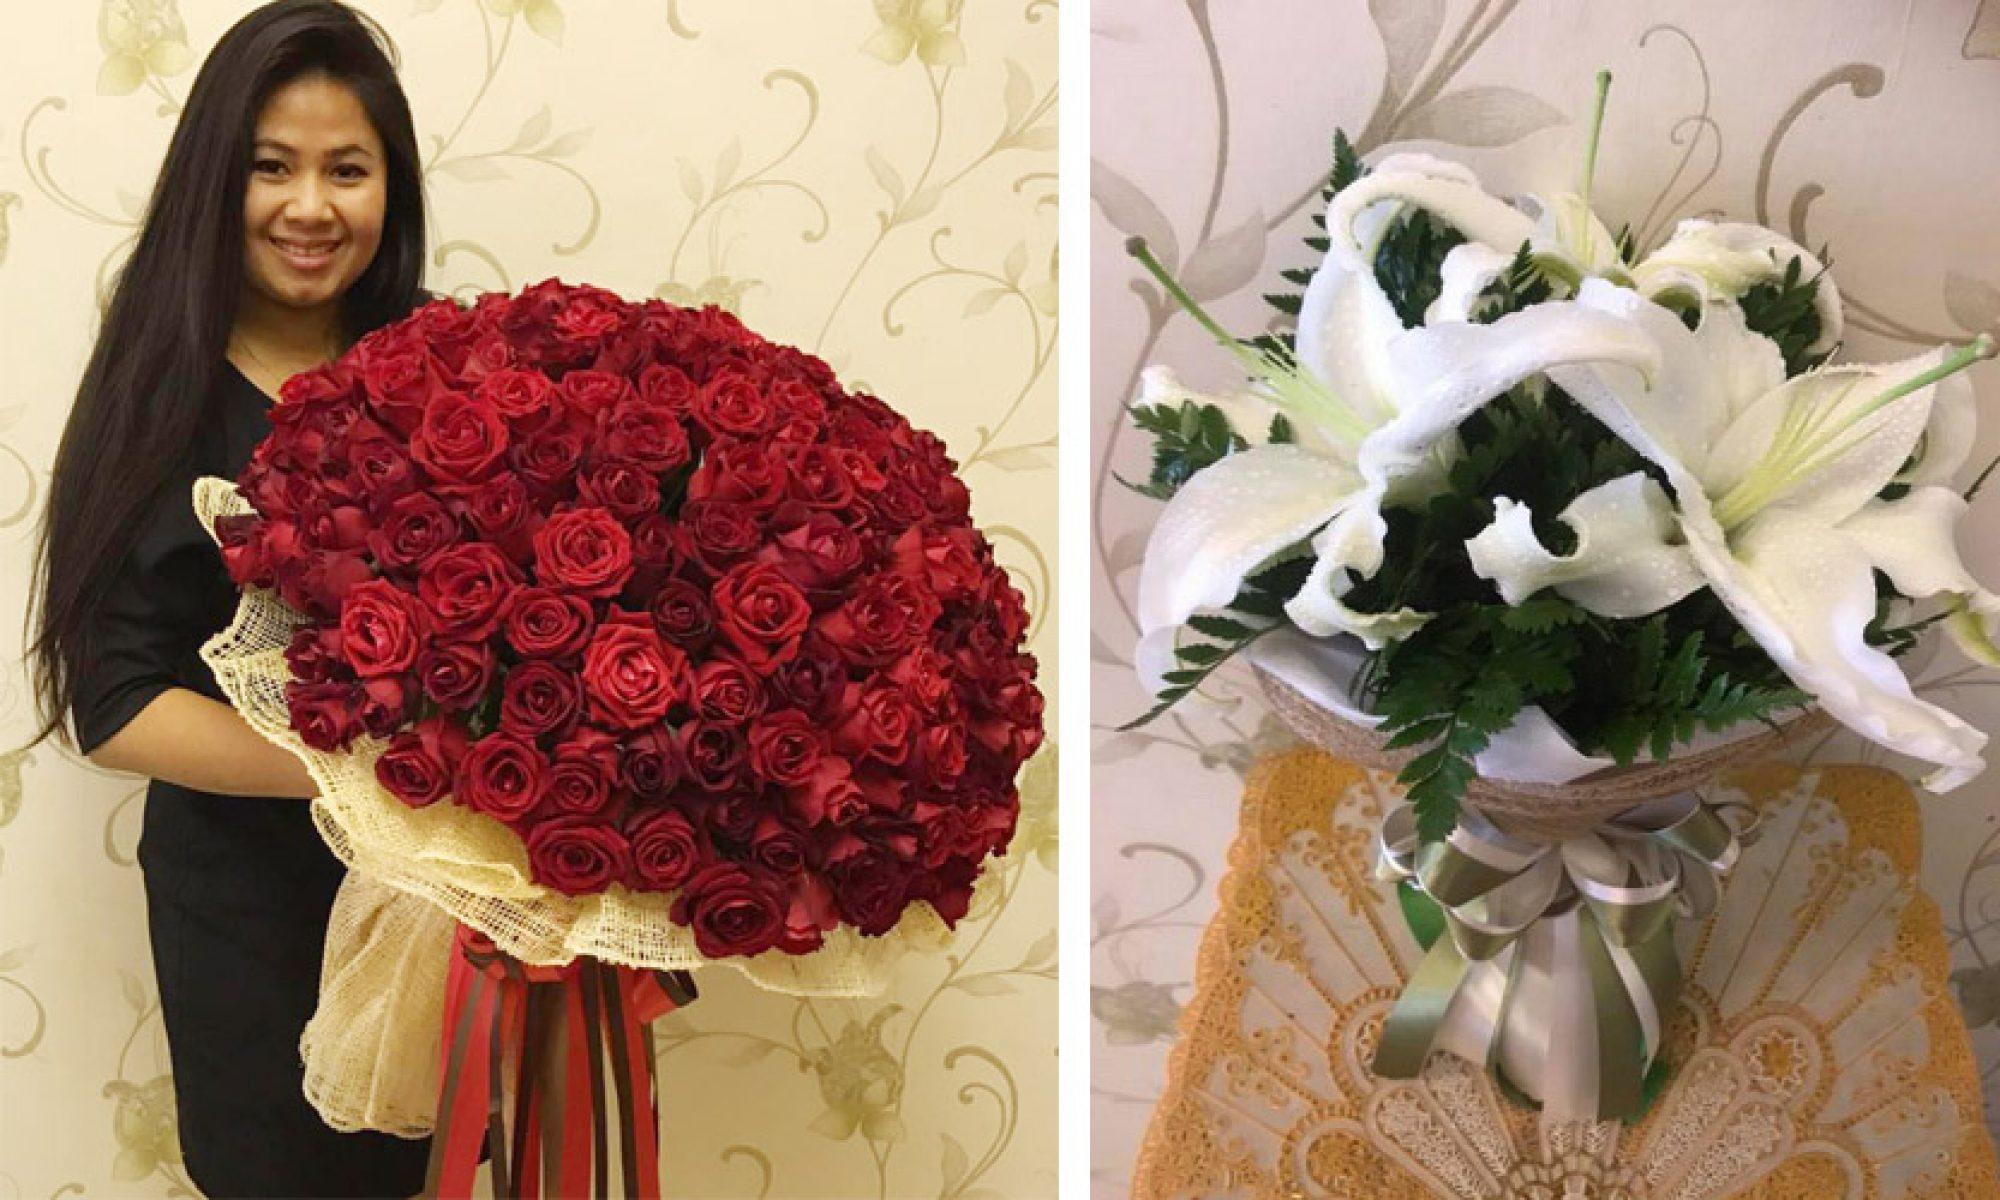 ร้านดอกไม้ลพบุรี 086-7717575 (นิว) ส่งดอกไม้ บริการช่อดอกไม้ พวงหรีด ลพบุรี